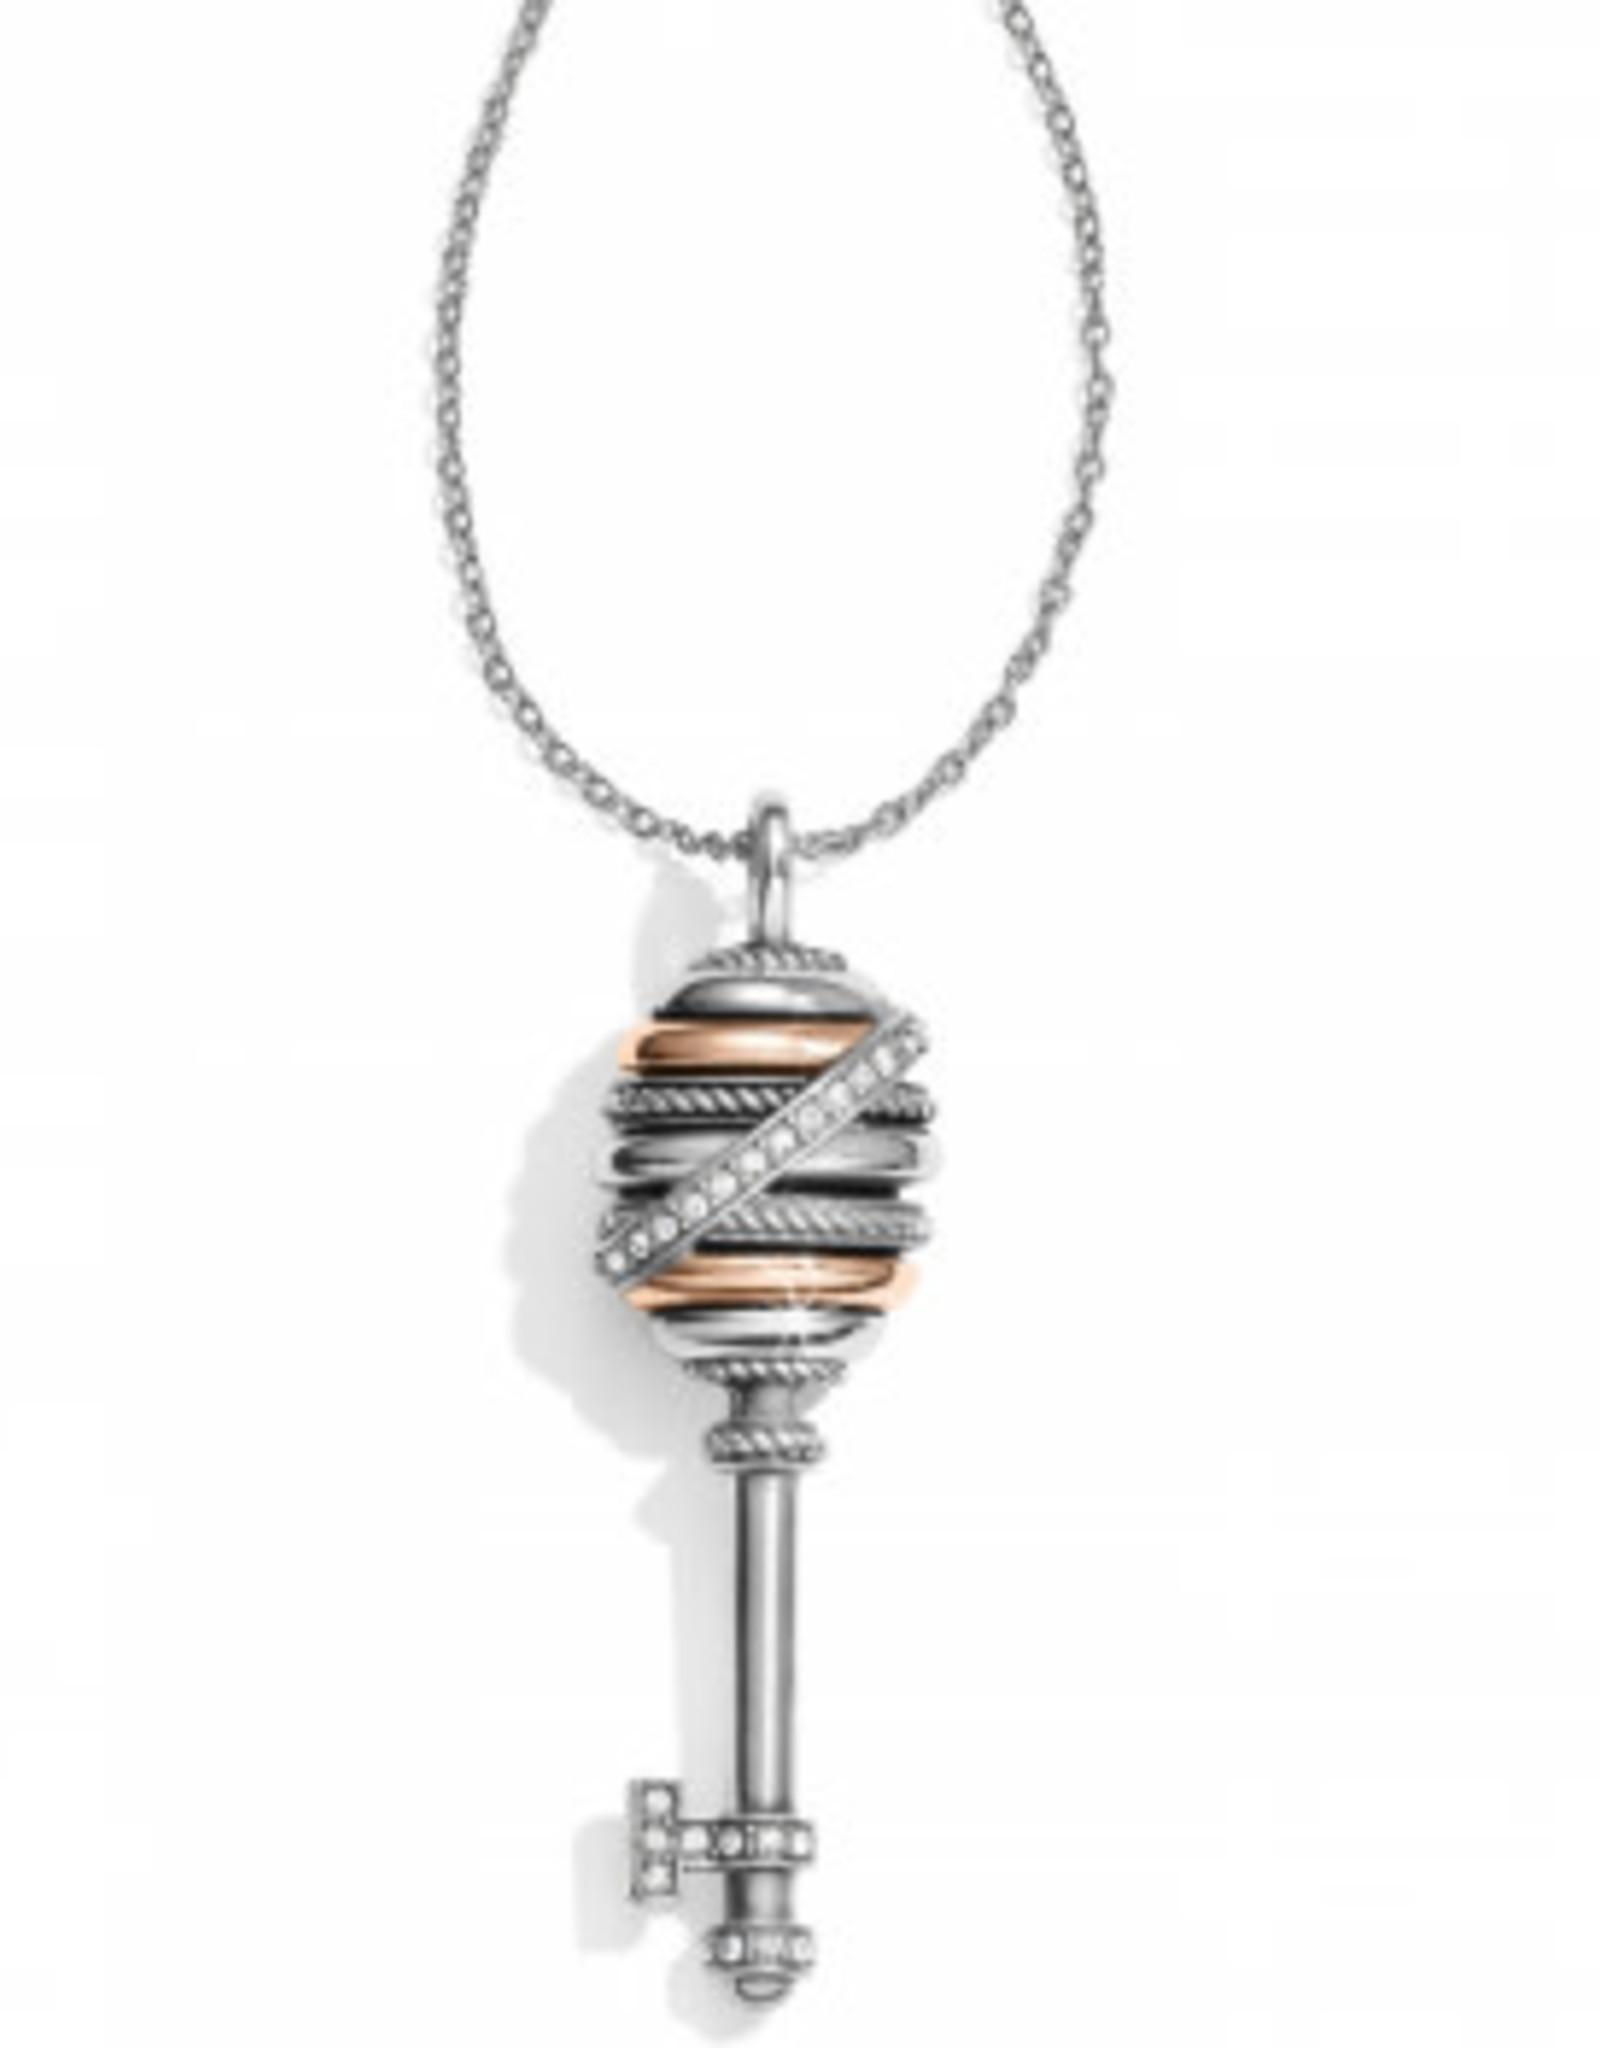 Brighton Brighton, Neptune's Rings Key Necklace